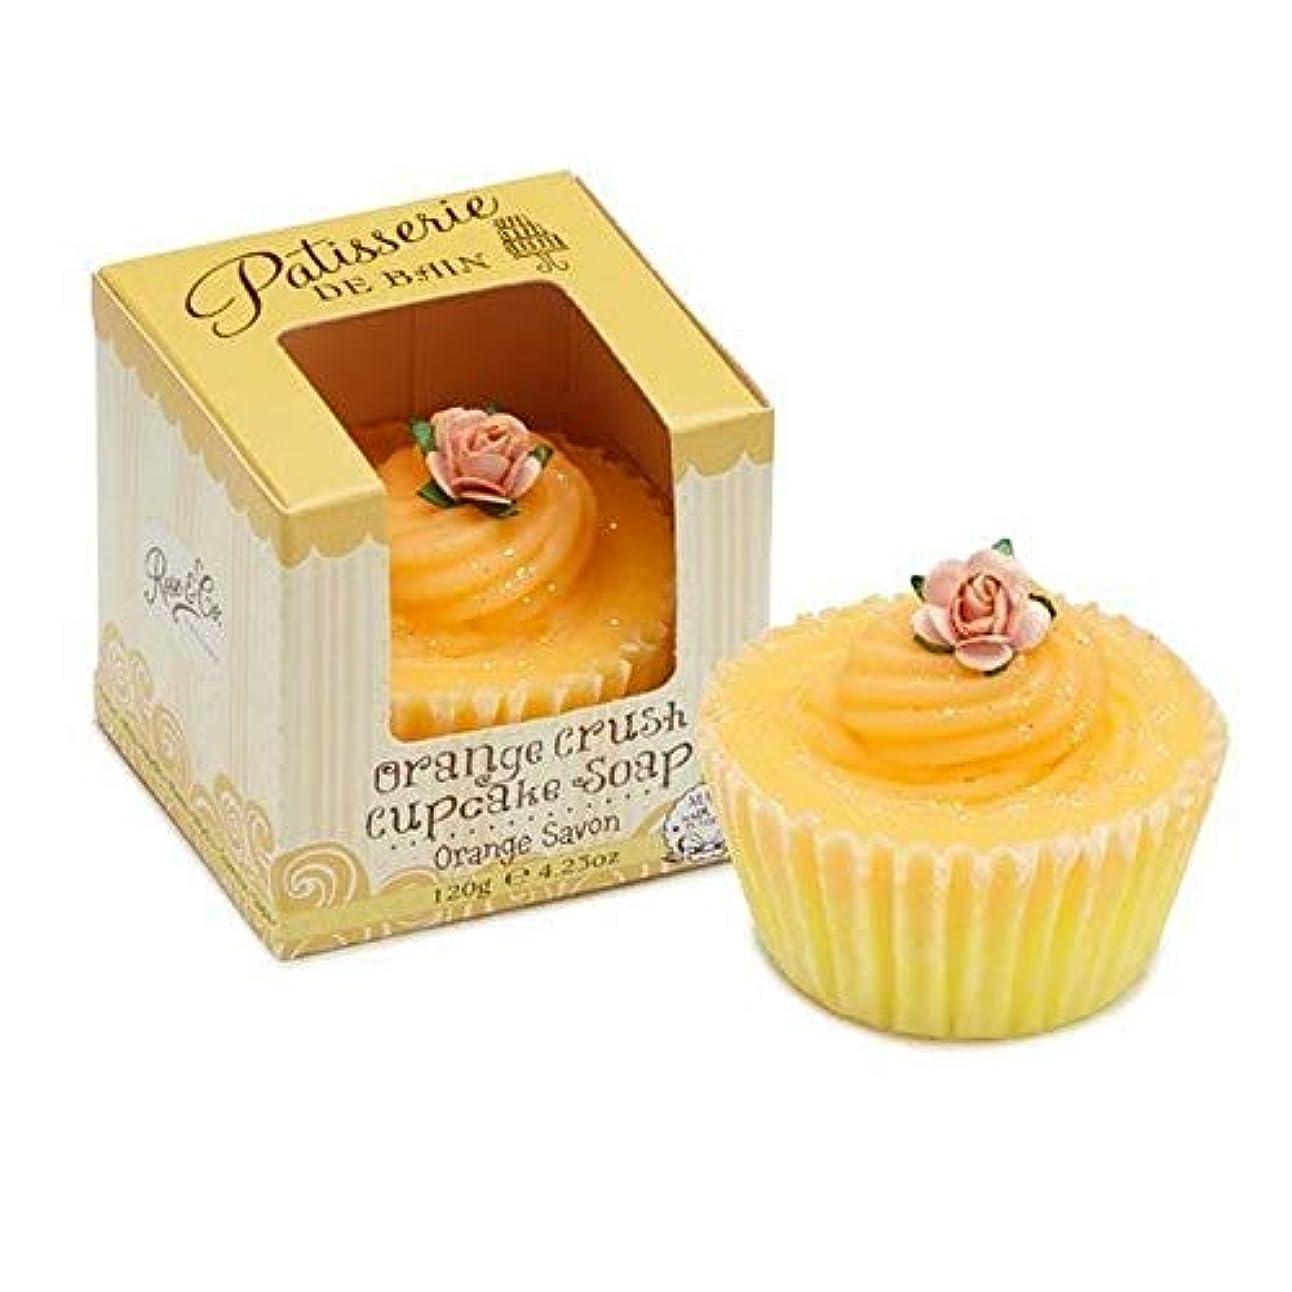 無駄非公式真似る[Patisserie de Bain ] パティスリー?ド?ベインオレンジクラッシュカップケーキソープ120グラム - Patisserie de Bain Orange Crush Cupcake soap 120g...